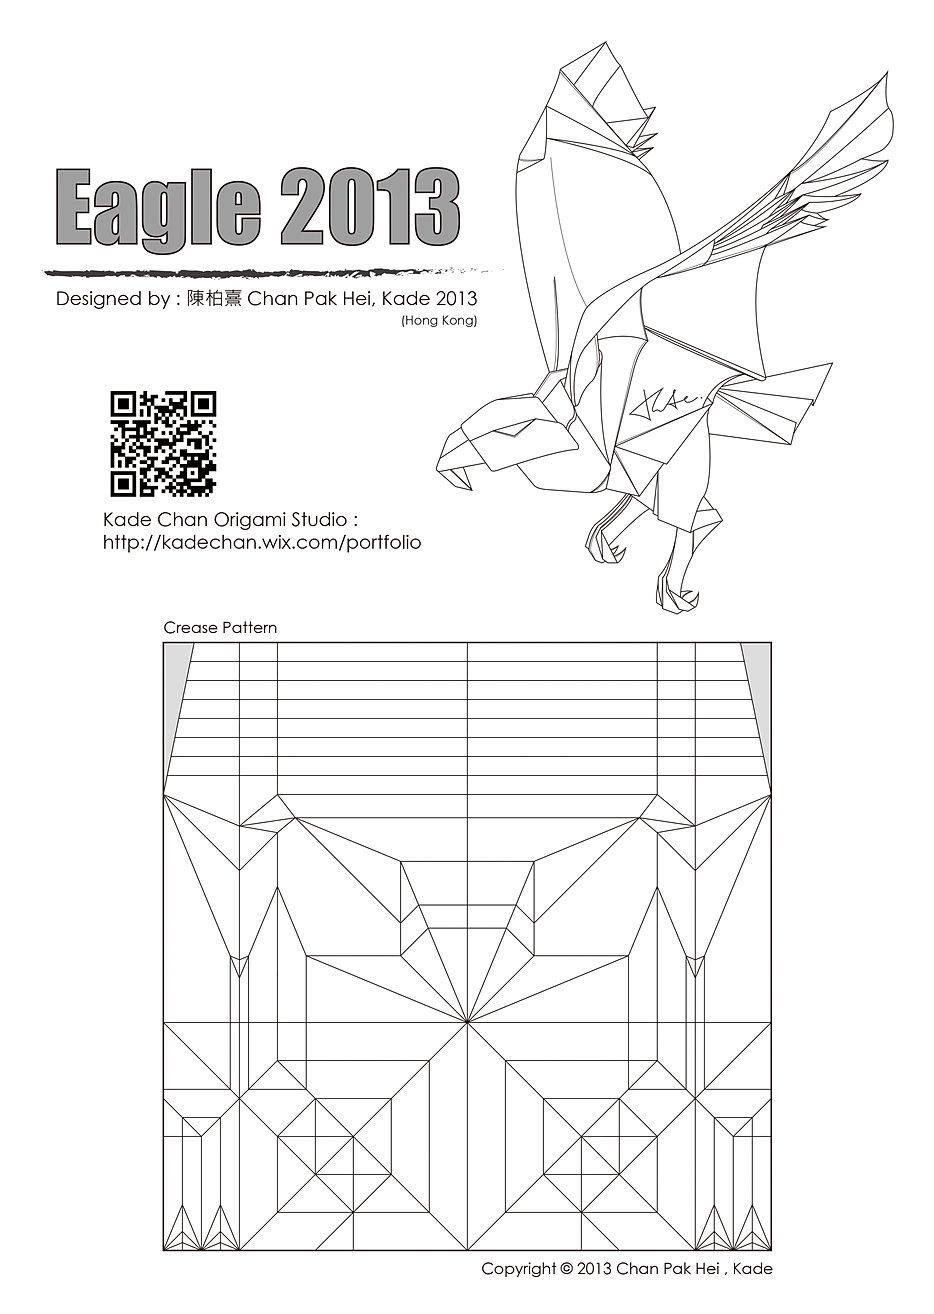 Crease Patterns Kade Chan Origami Studio Hong Kong